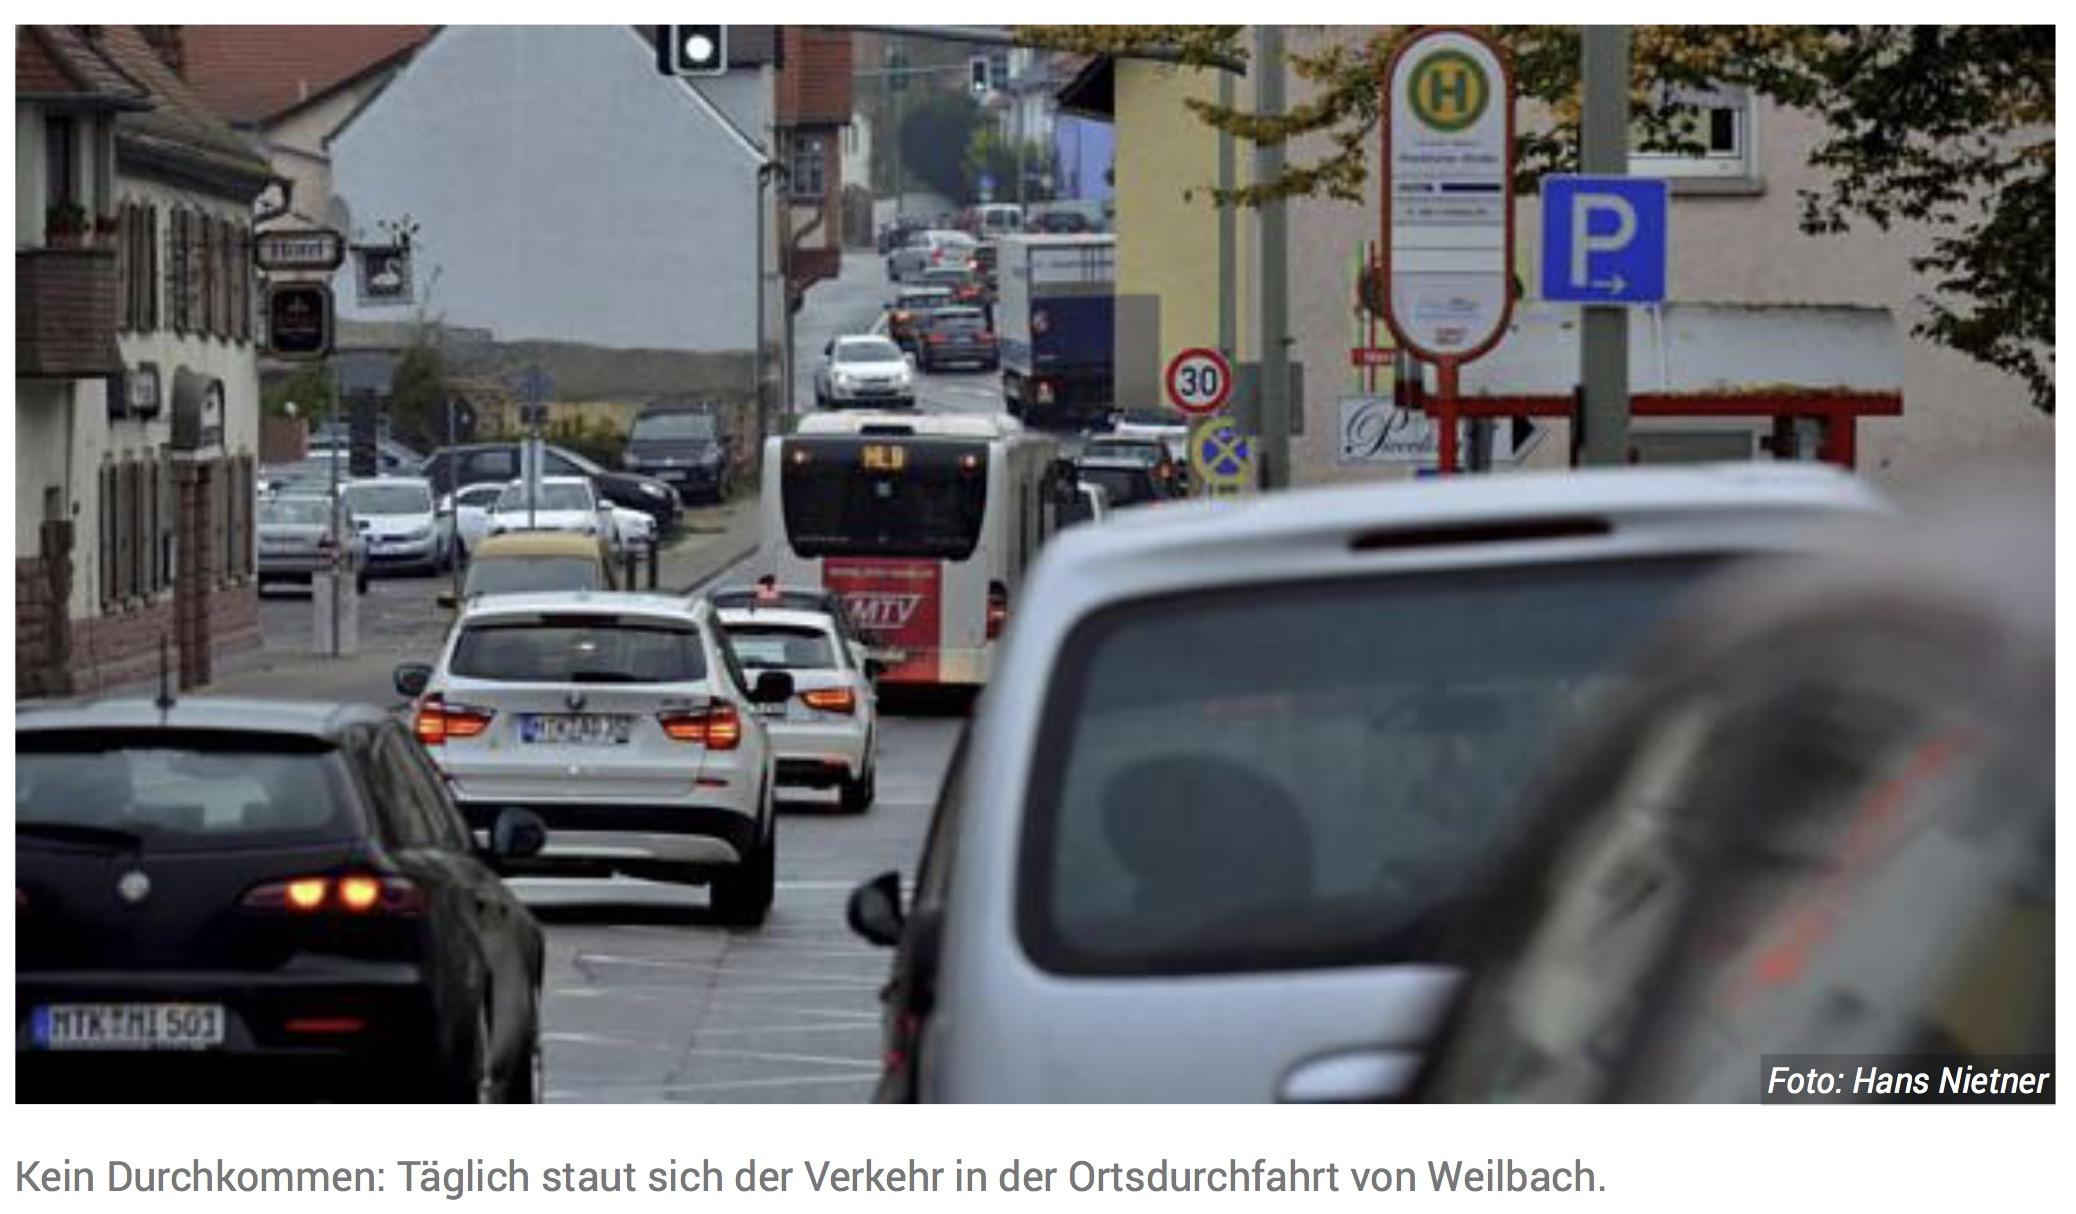 Hessen Mobil bringt kleine Weilbacher Umgehung auf den Weg